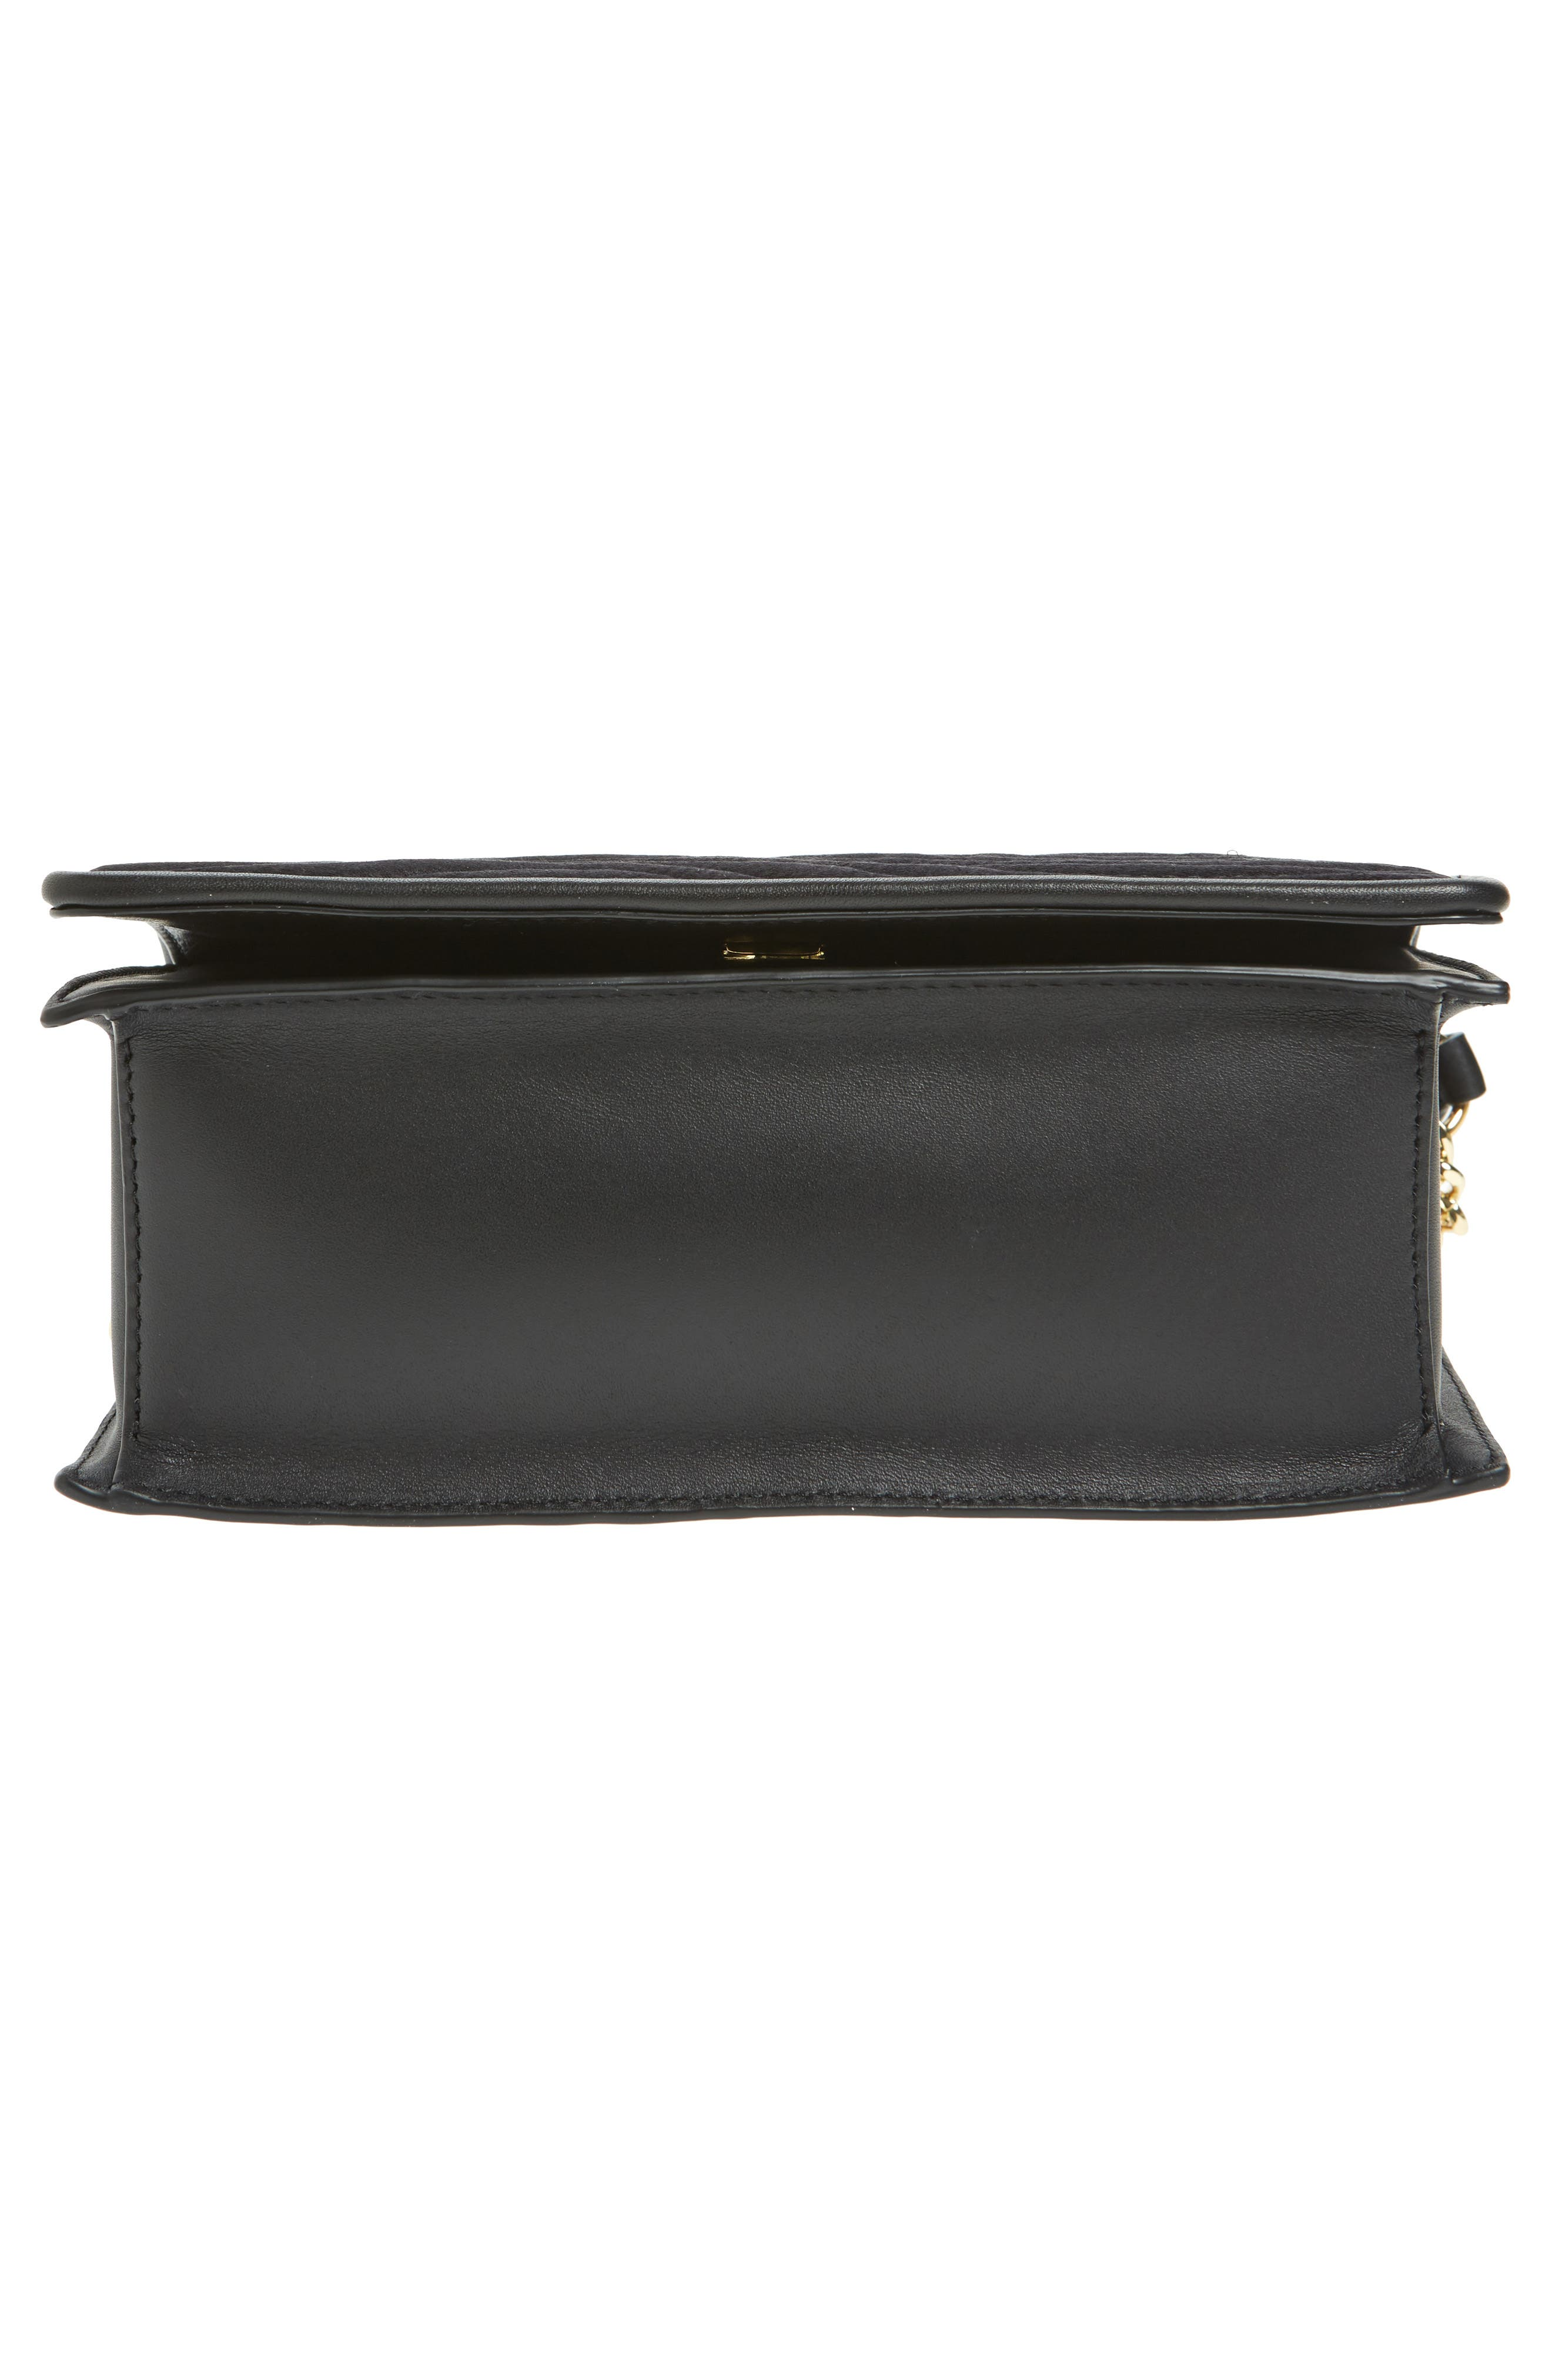 Bonne Soirée Quilted Top Handle Bag,                             Alternate thumbnail 6, color,                             001